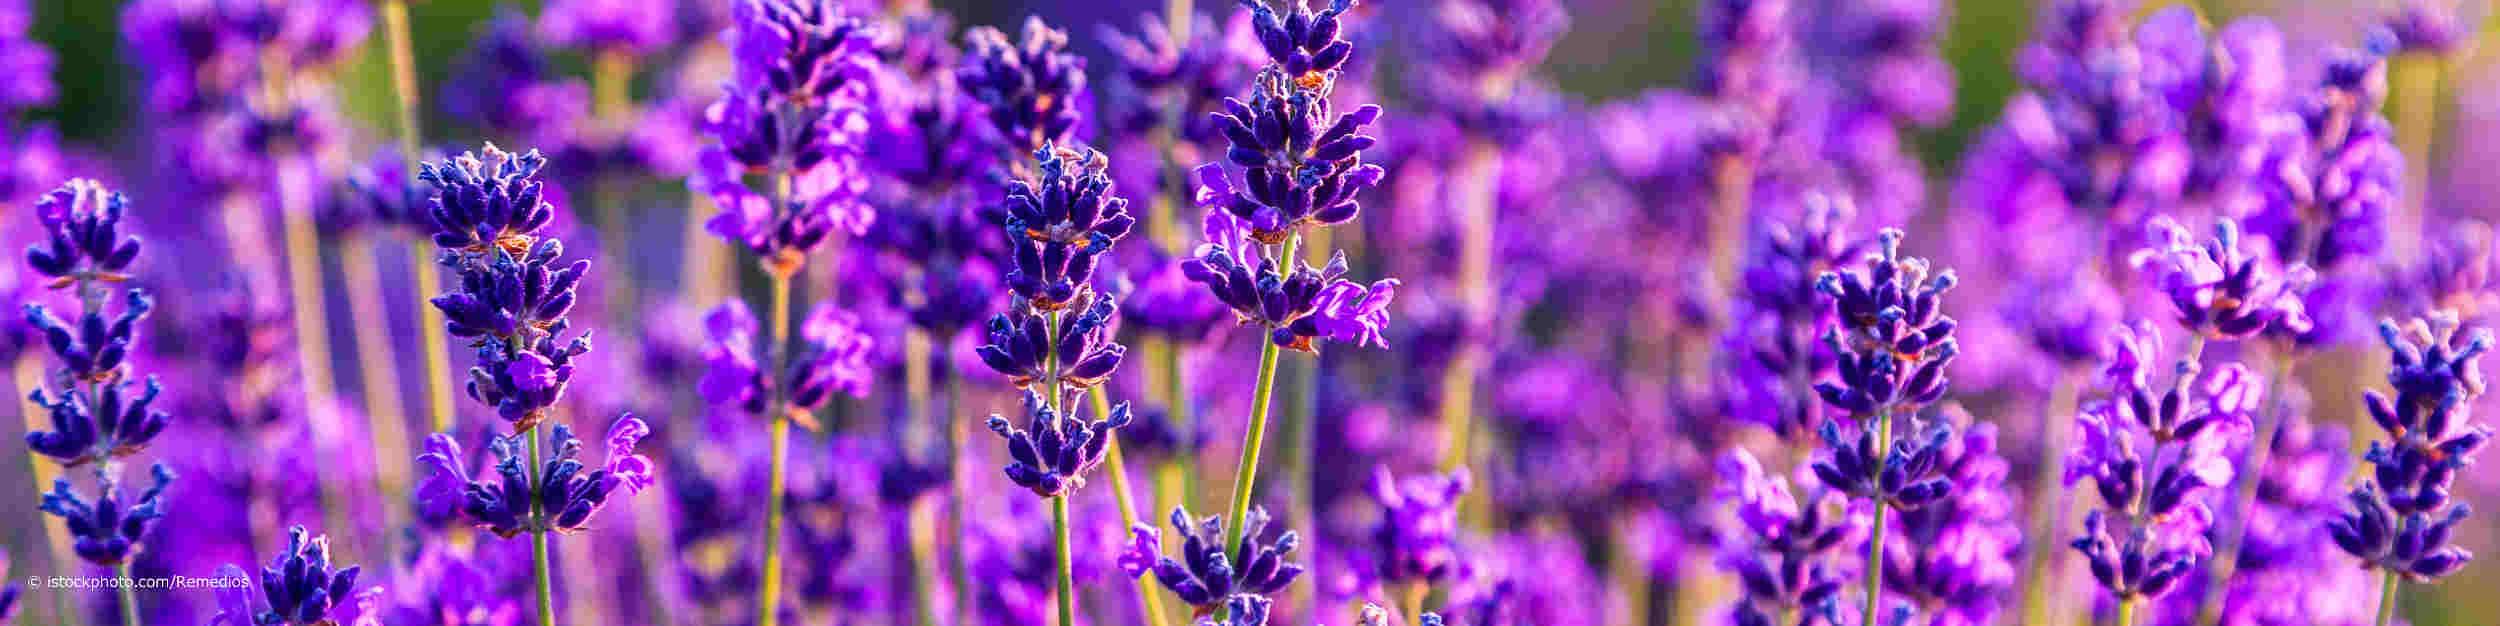 Der Echte Lavendel, lateinisch Lavandula angustifolia, ist die Arzneipflanze 2020